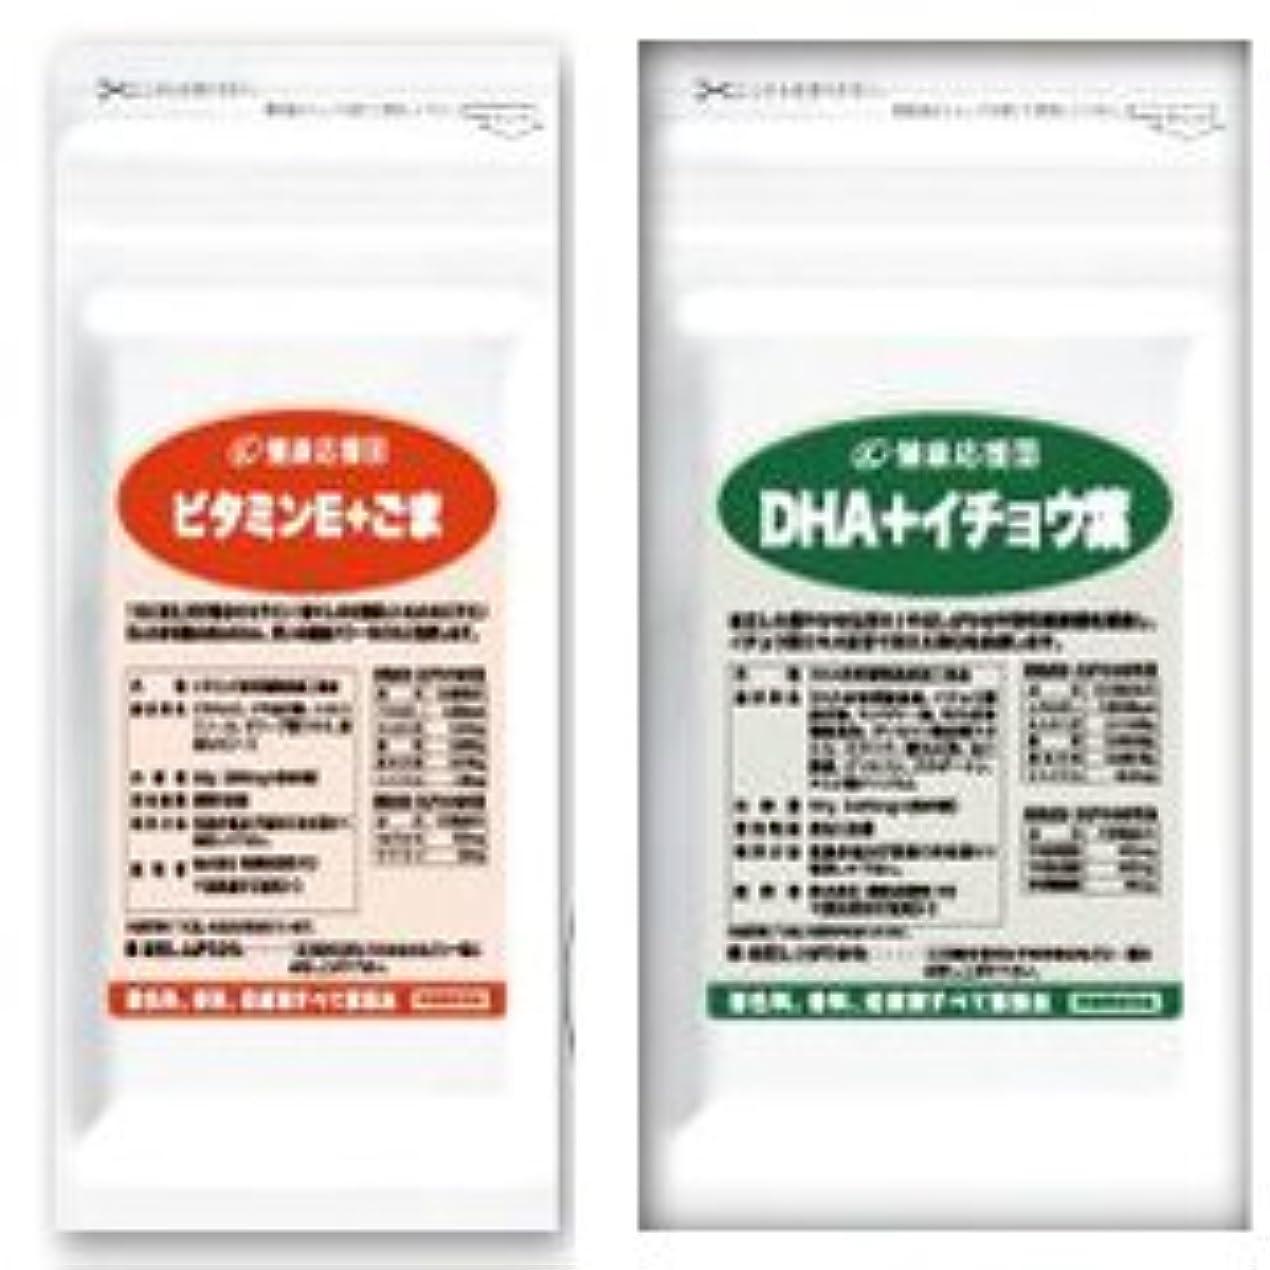 メロディアスコート豚(お徳用12か月分) 毎日元気セット(ビタミンE+ごま)+(DHA+イチョウ葉エキス) 12袋&12袋セット(DHA?EPA?ビタミンE?セサミン)